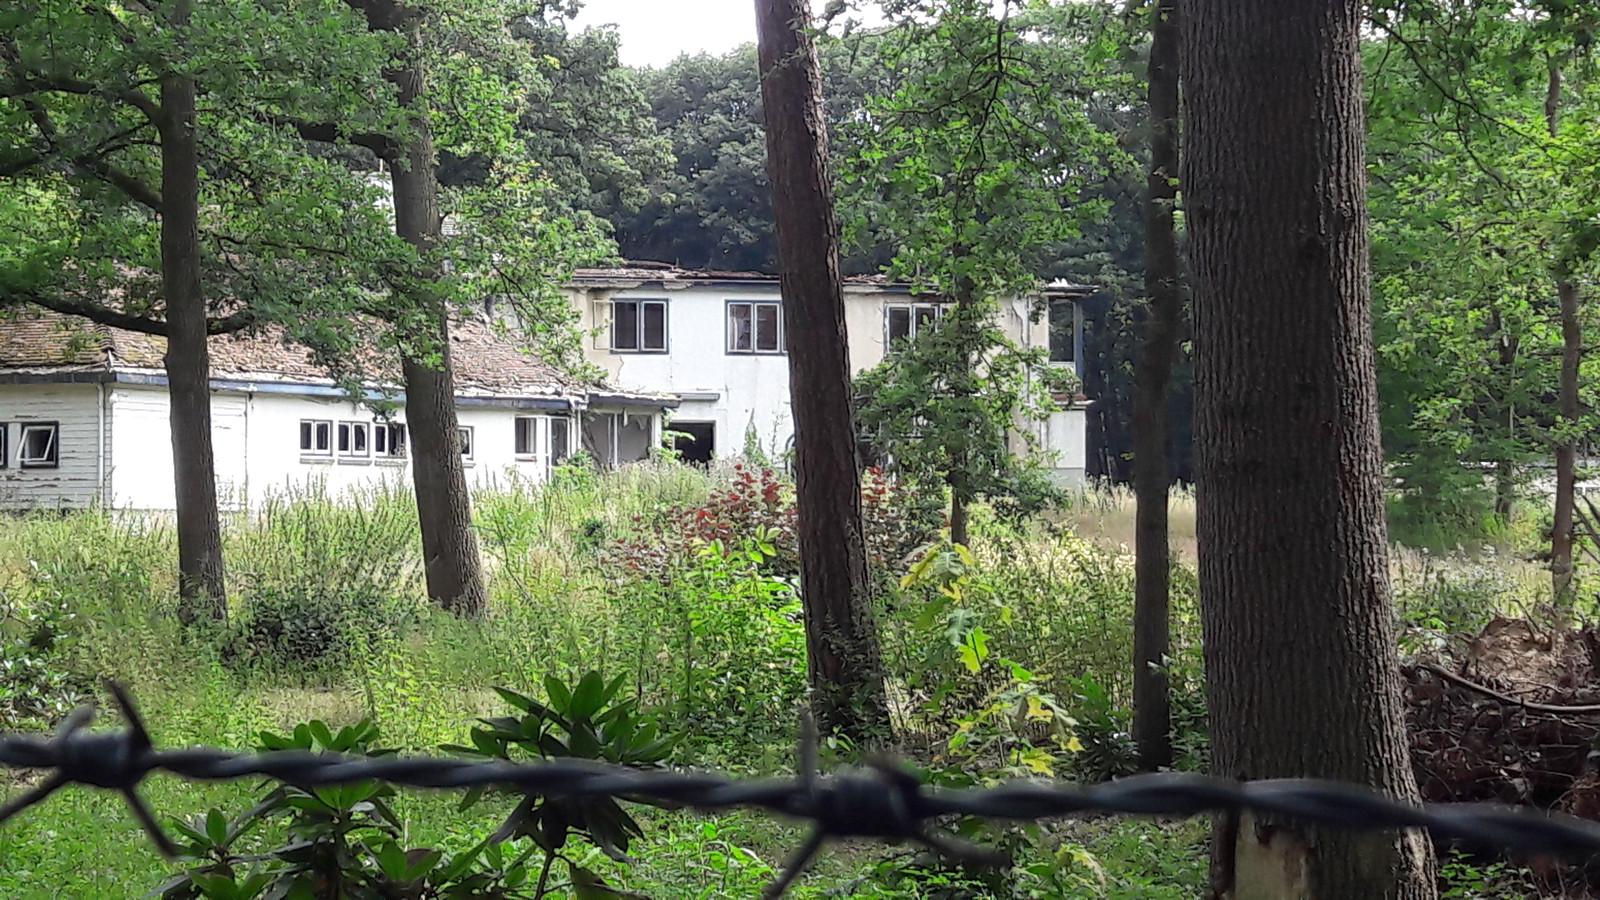 ▲ De Moergestelse Villa Dennenhoef stamt uit 1910 en haalde het landelijke nieuws in 1994 toen crimineel Antonio Brizzi er werd vermoord. De woning stond jarenlang te verpauperen. De nieuwe eigenaar heeft het pand eind vorig jaar gesloopt.